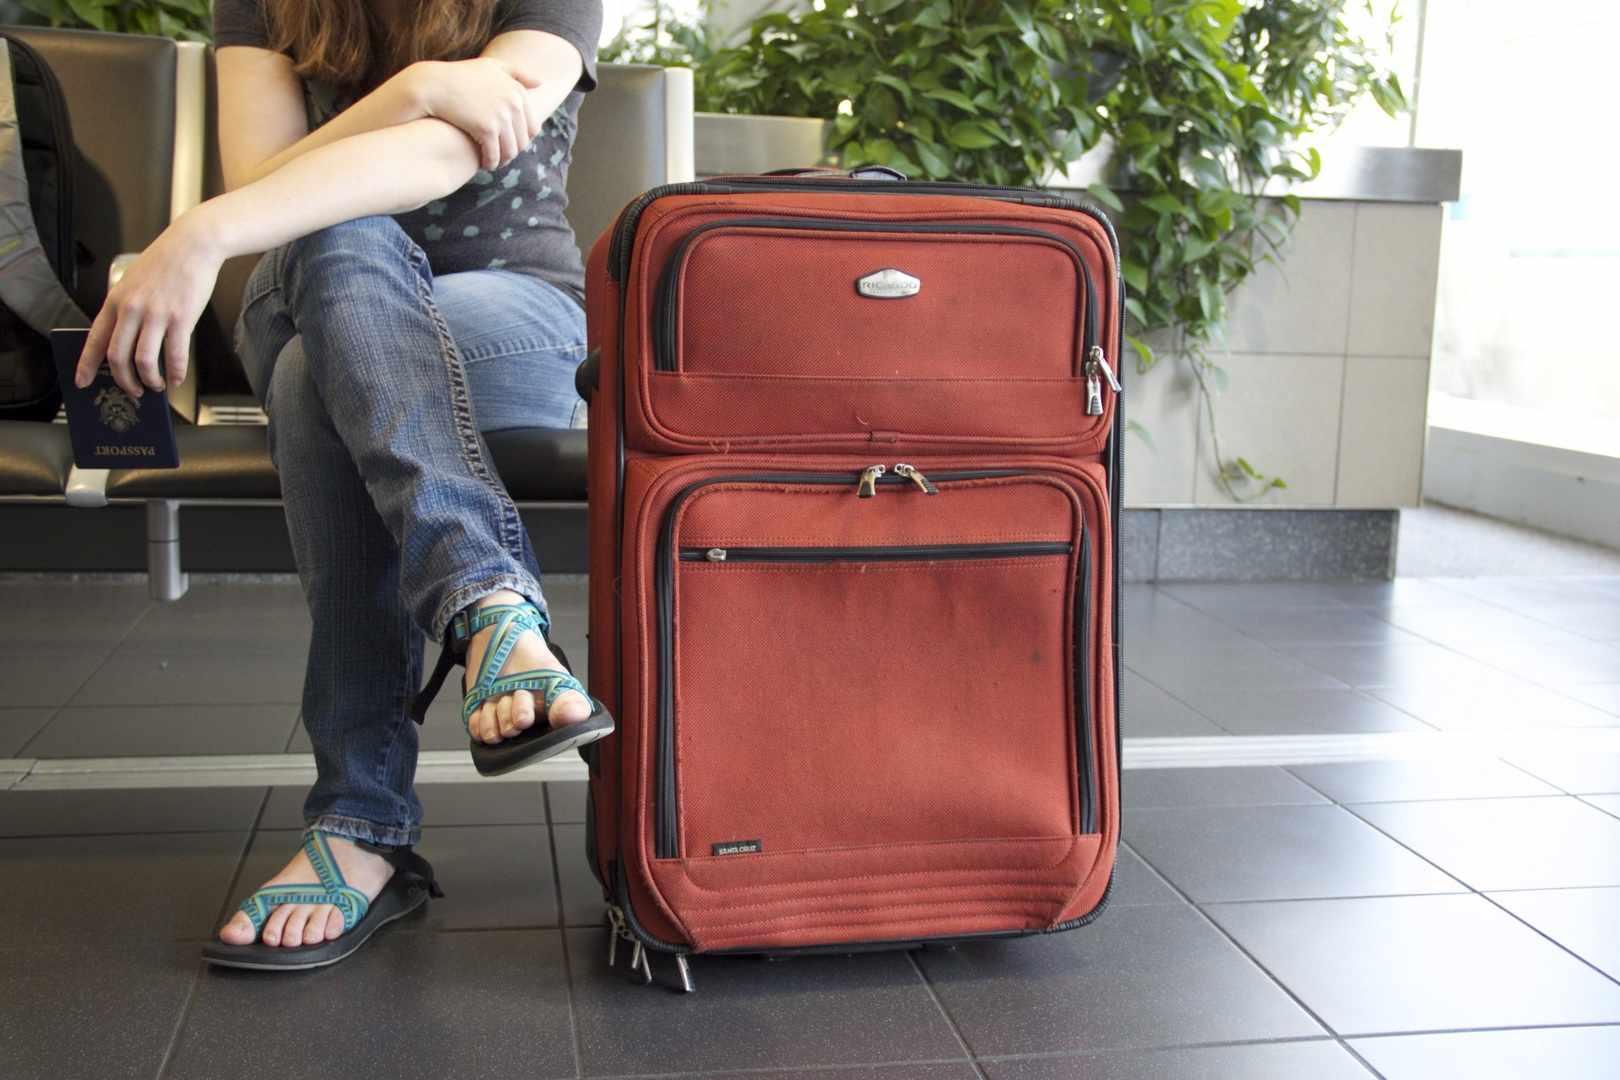 Vacanze in Vietnam ed i consigli per ottenere il visto